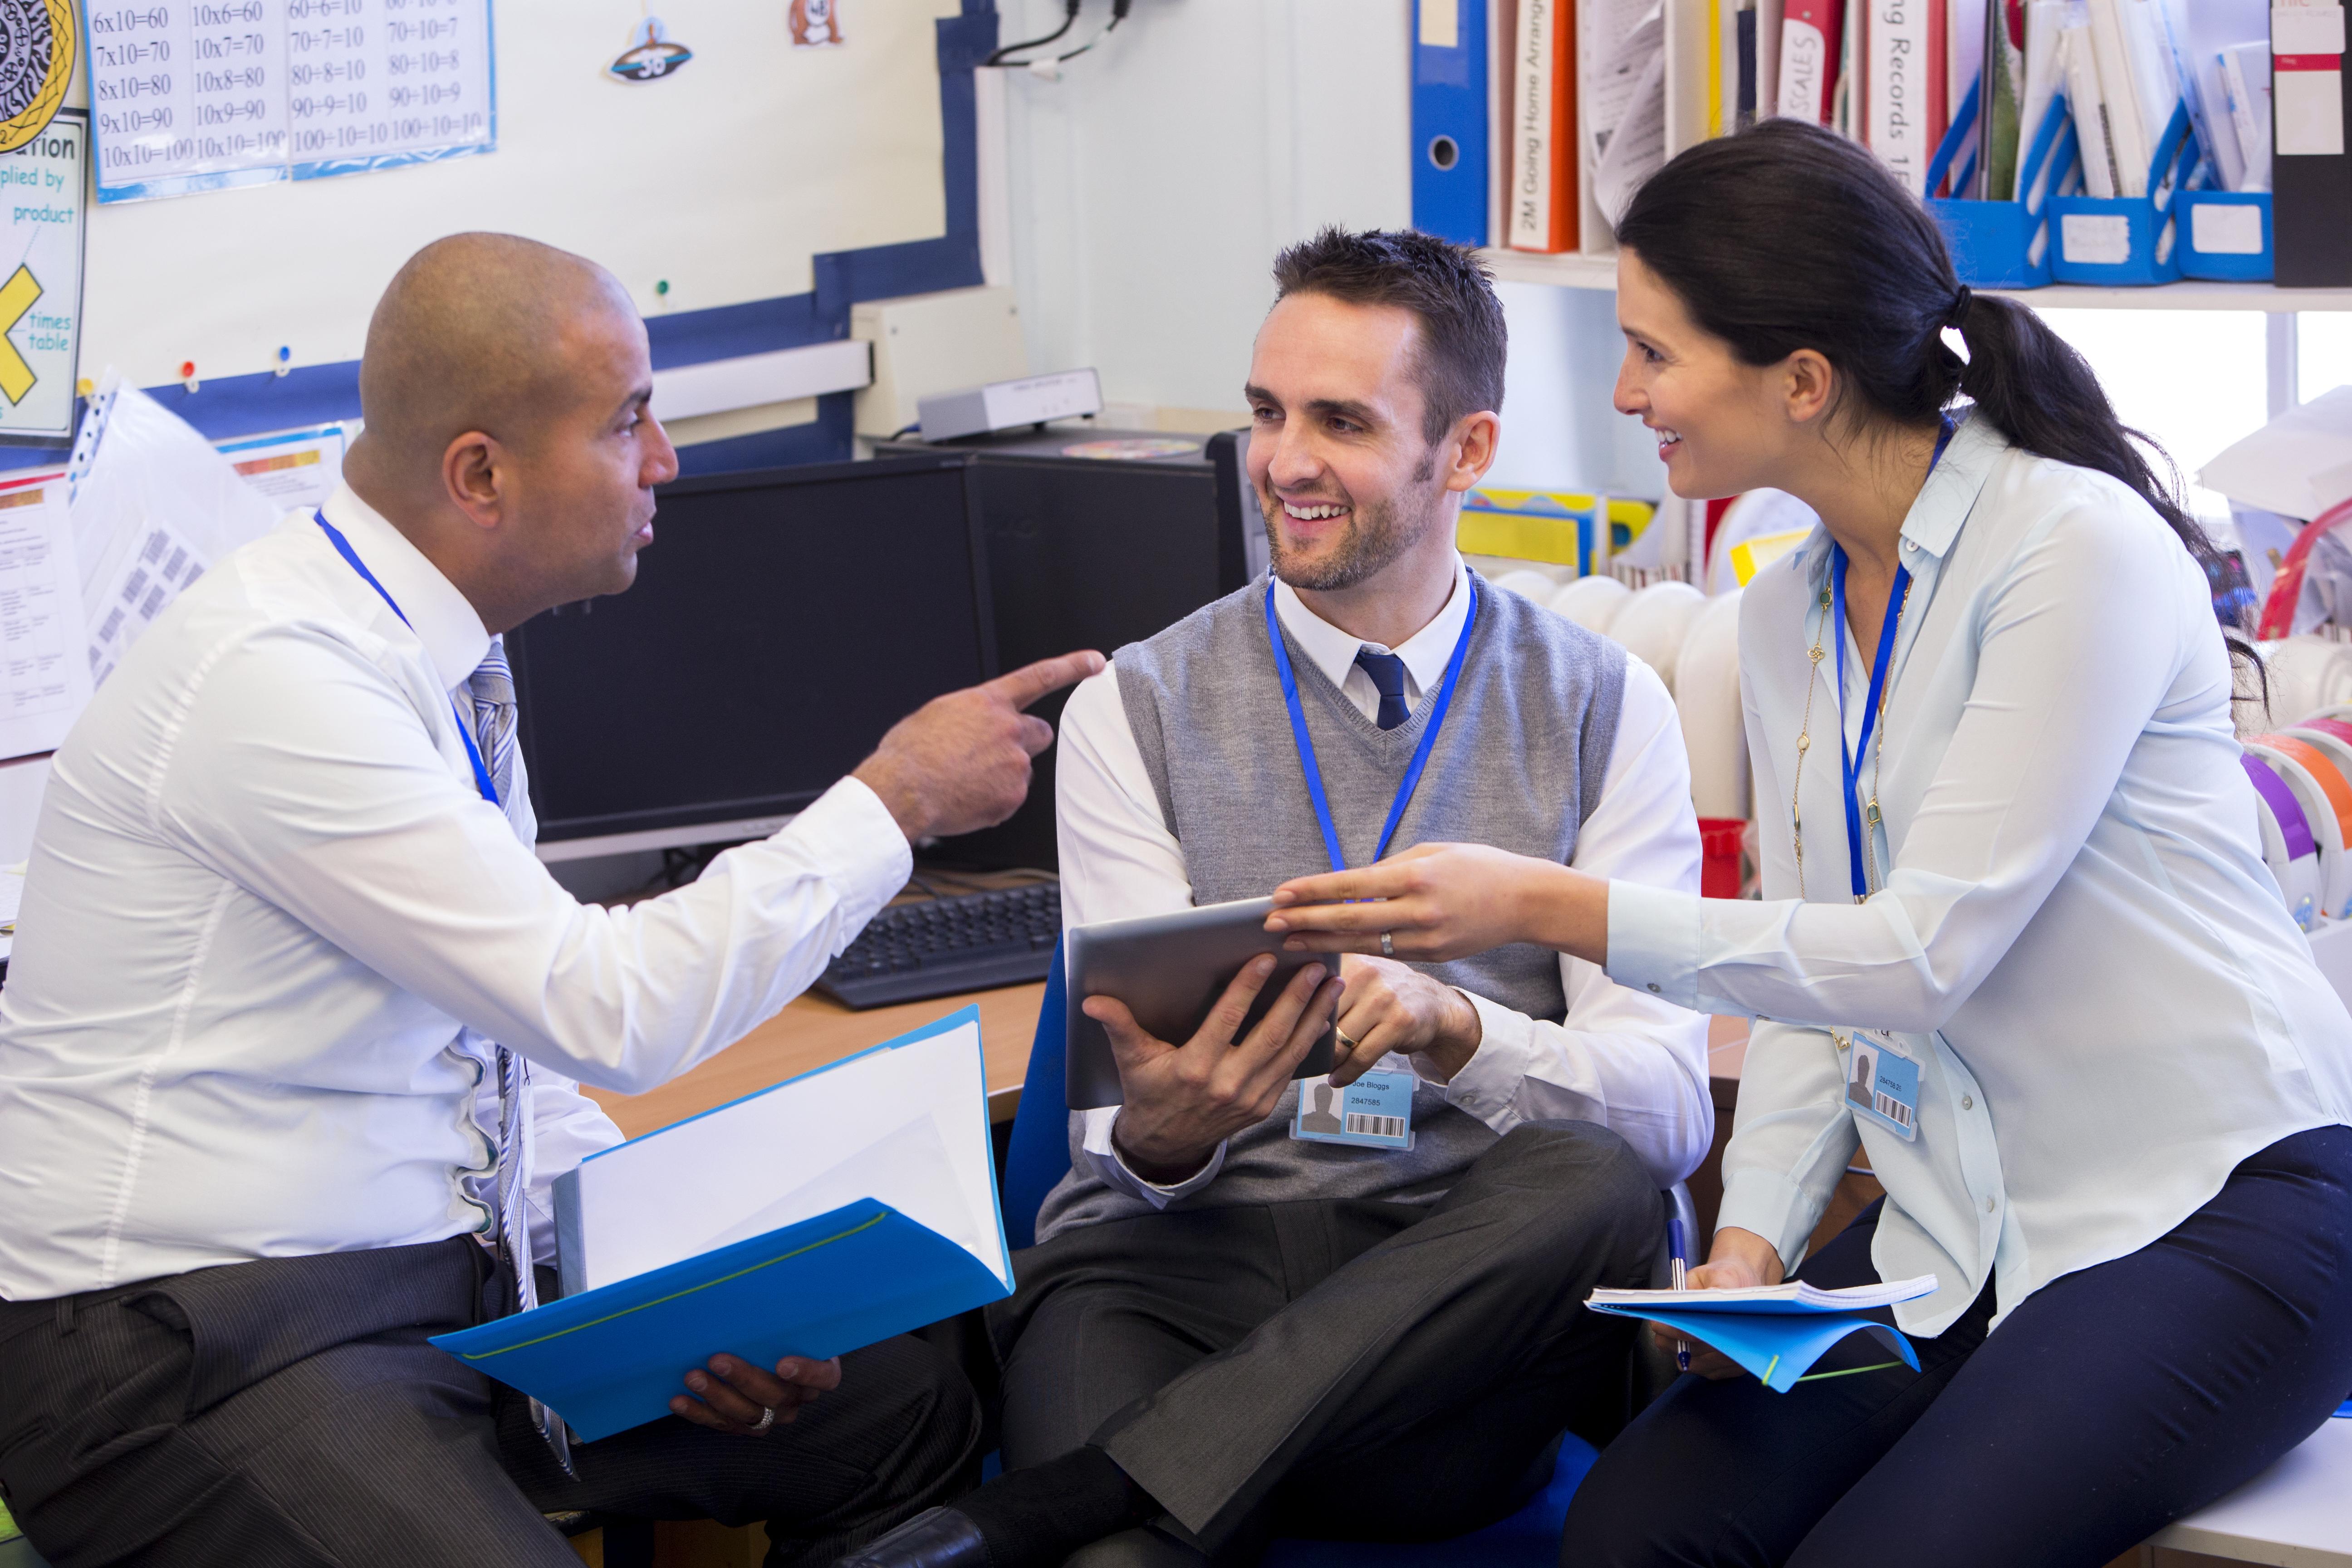 La collaboration entre enseignants et intervenants - CTREQ